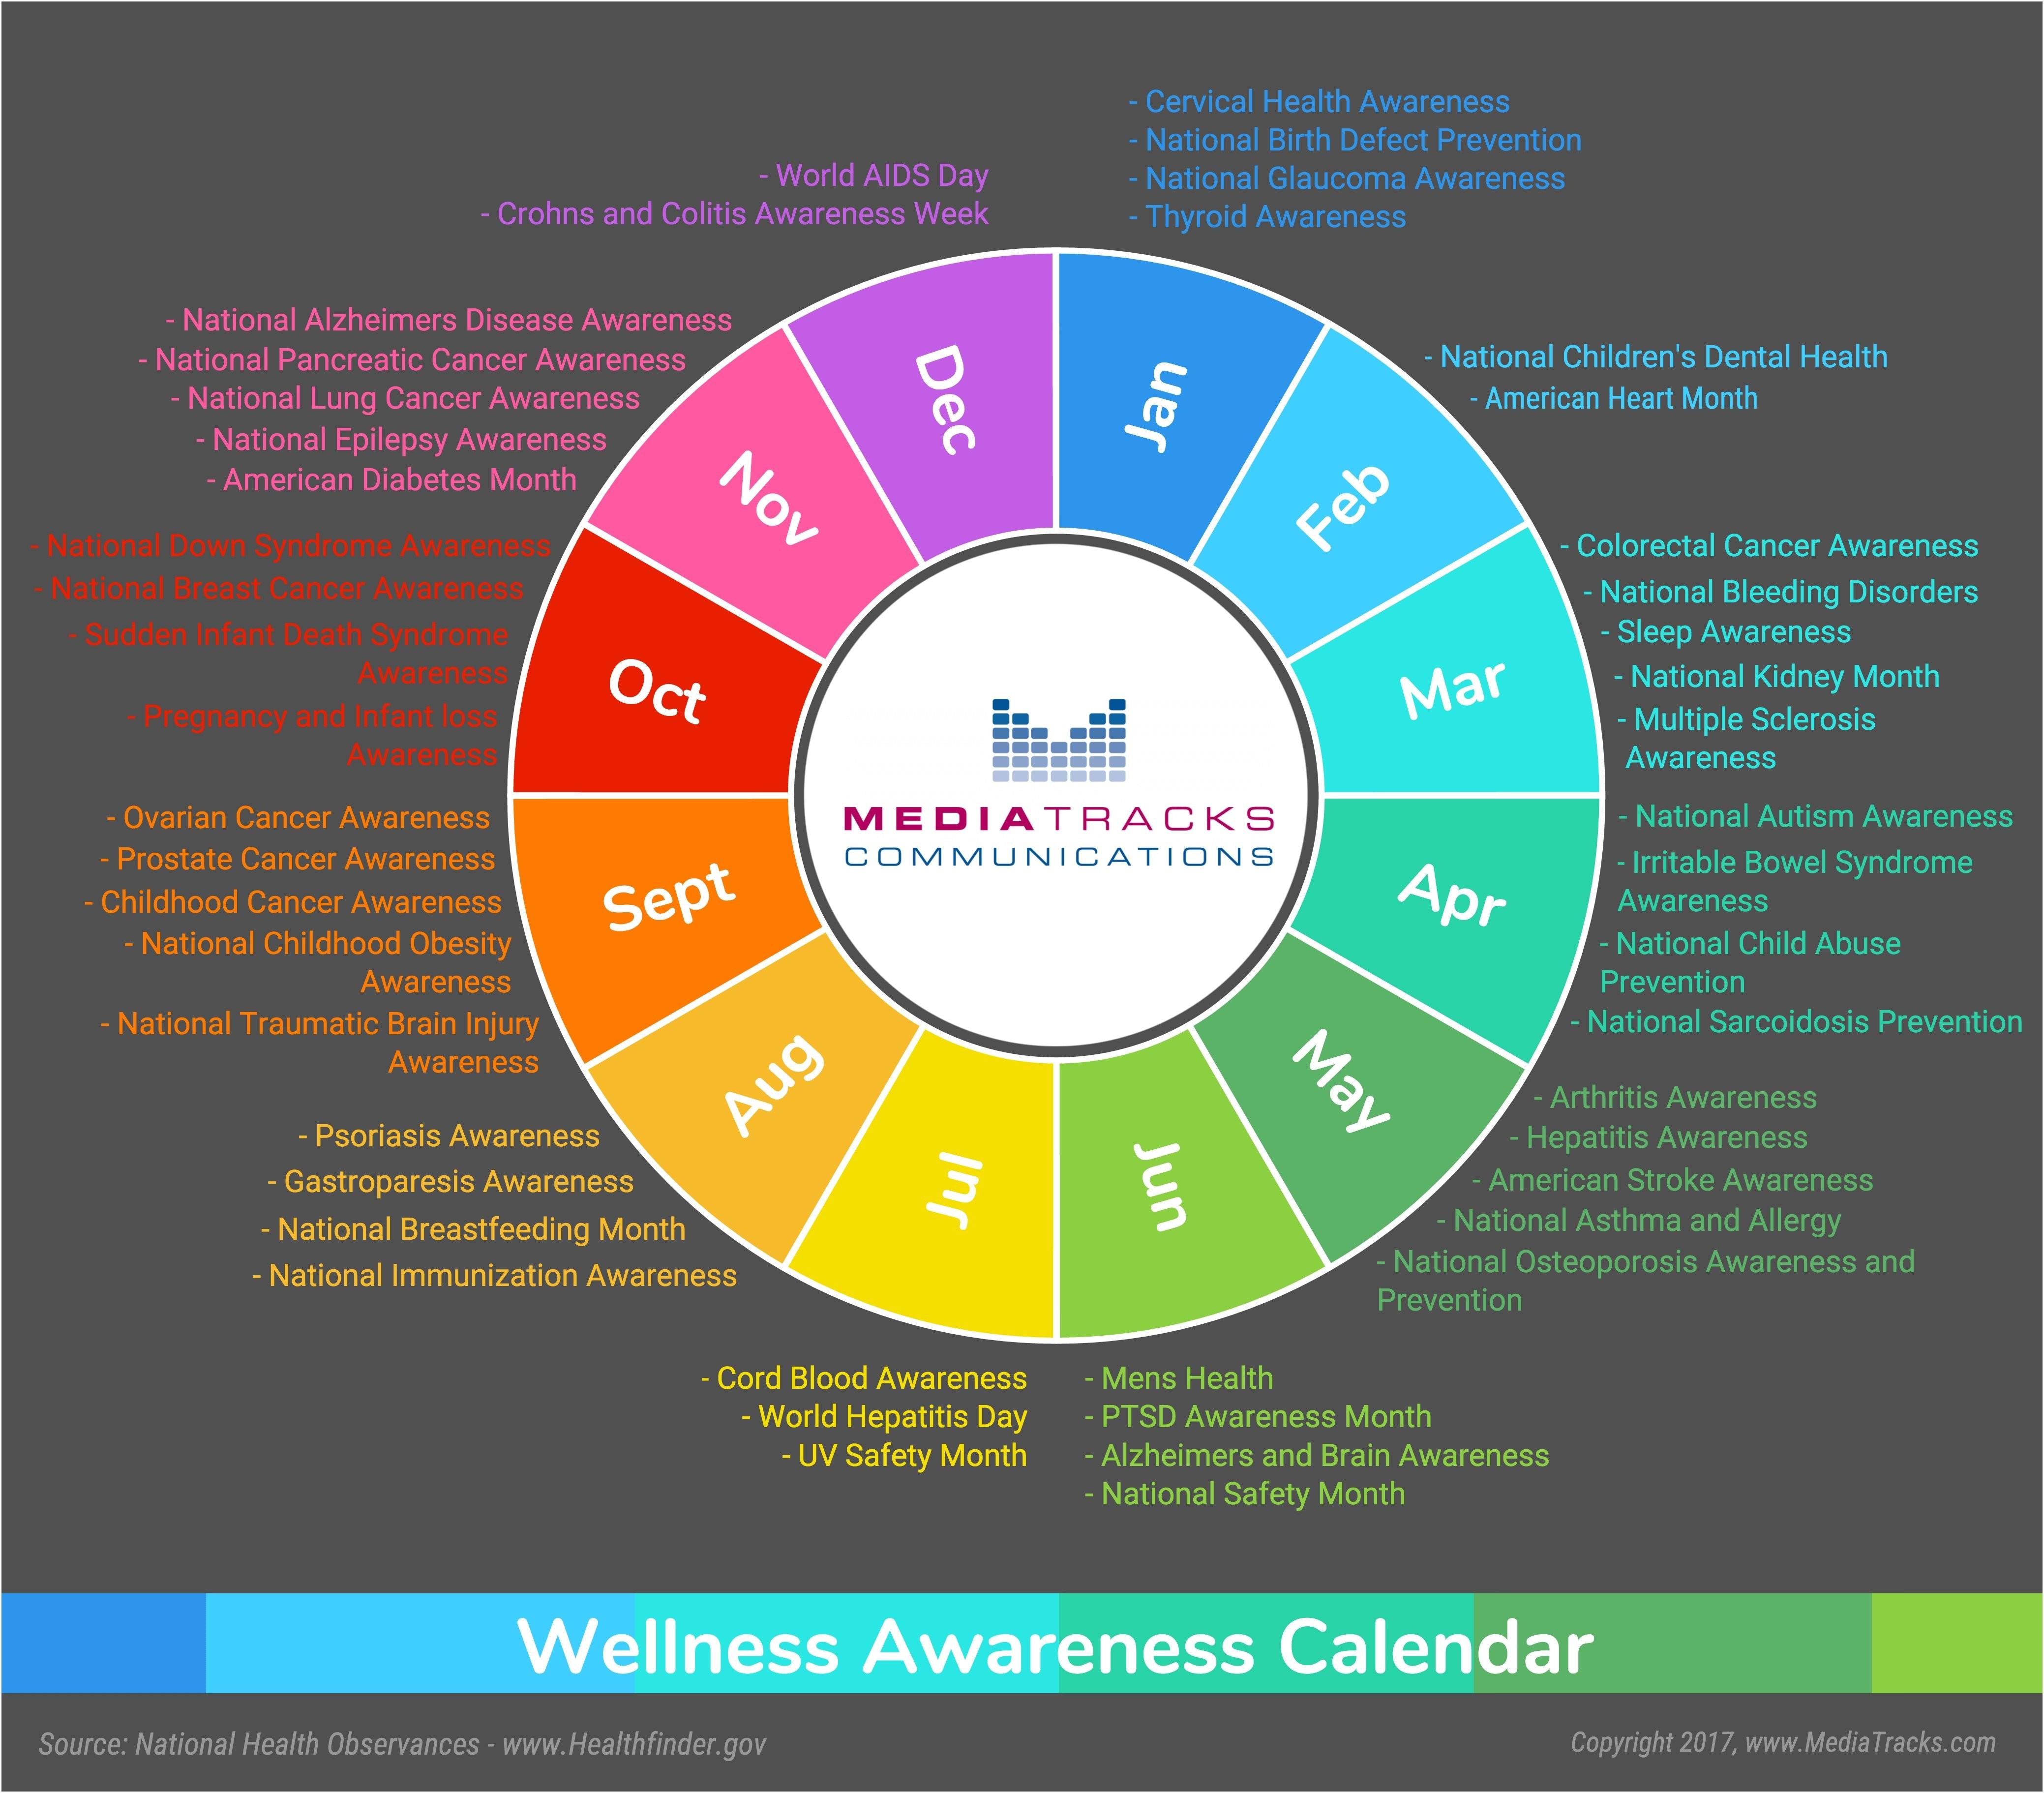 2017 Wellness Awareness Calendar [Infographic